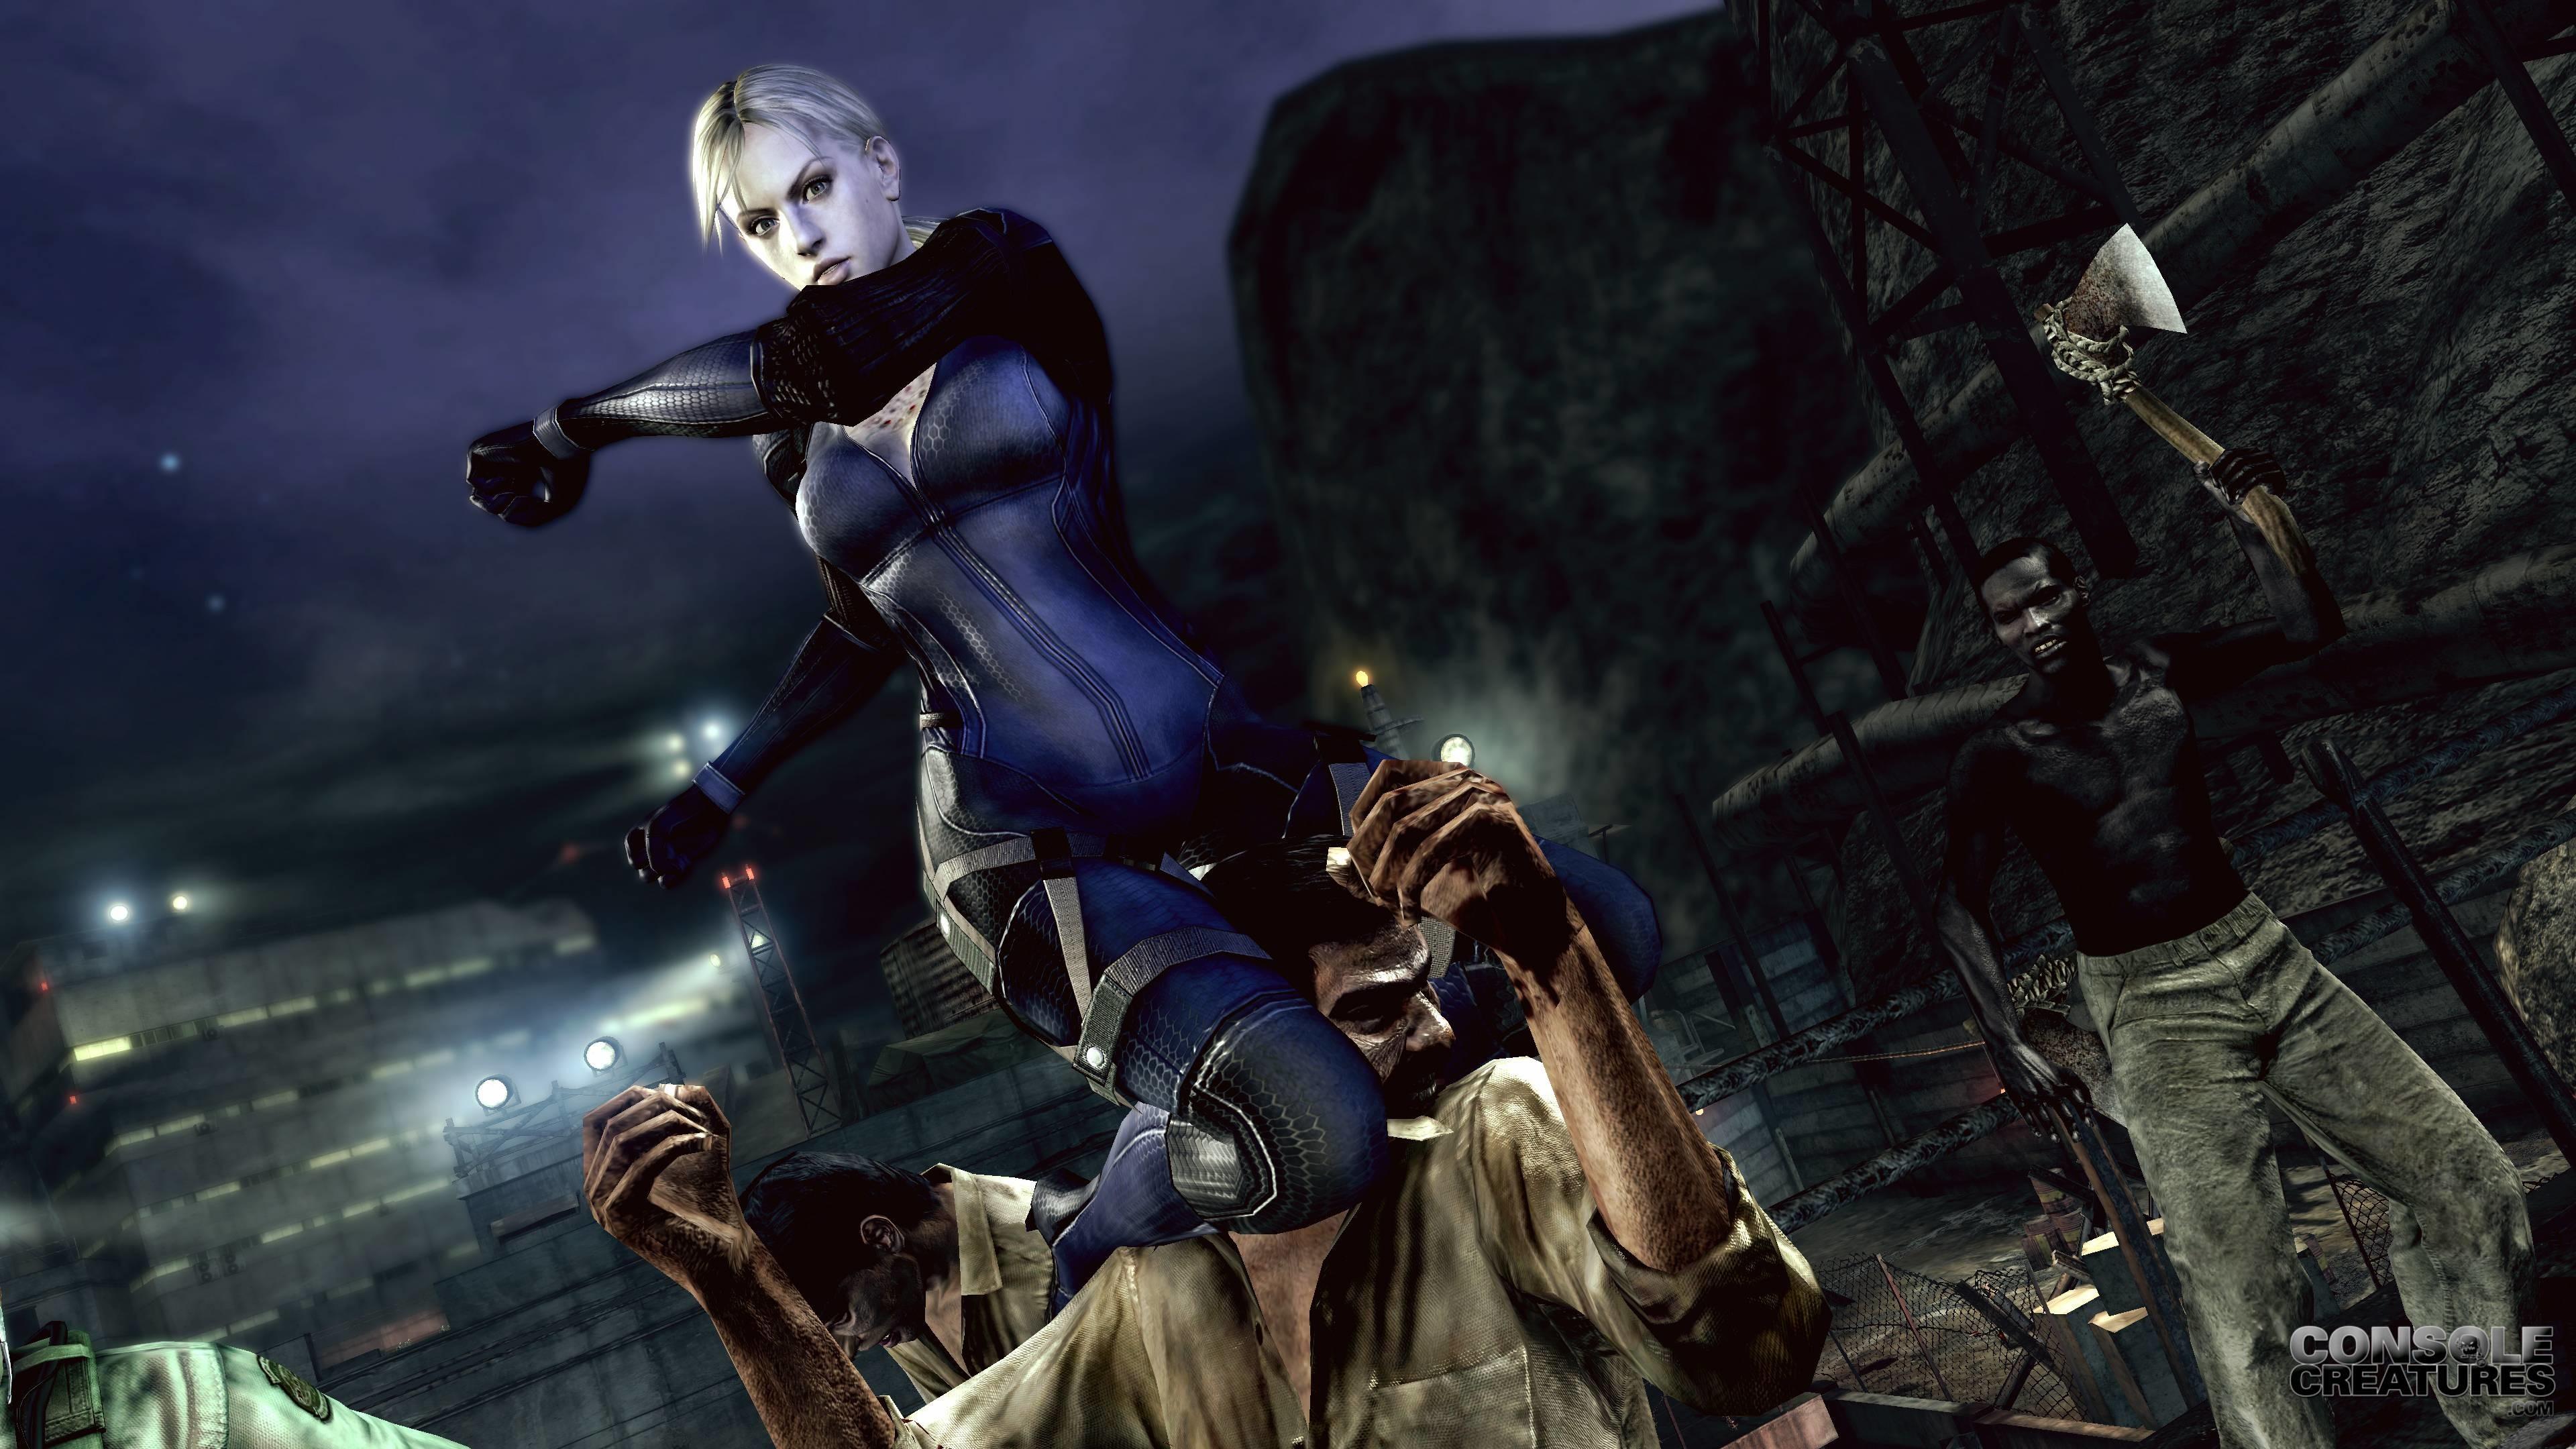 Resident Evil 5 Jill Valentine Wallpaper (76+ images)